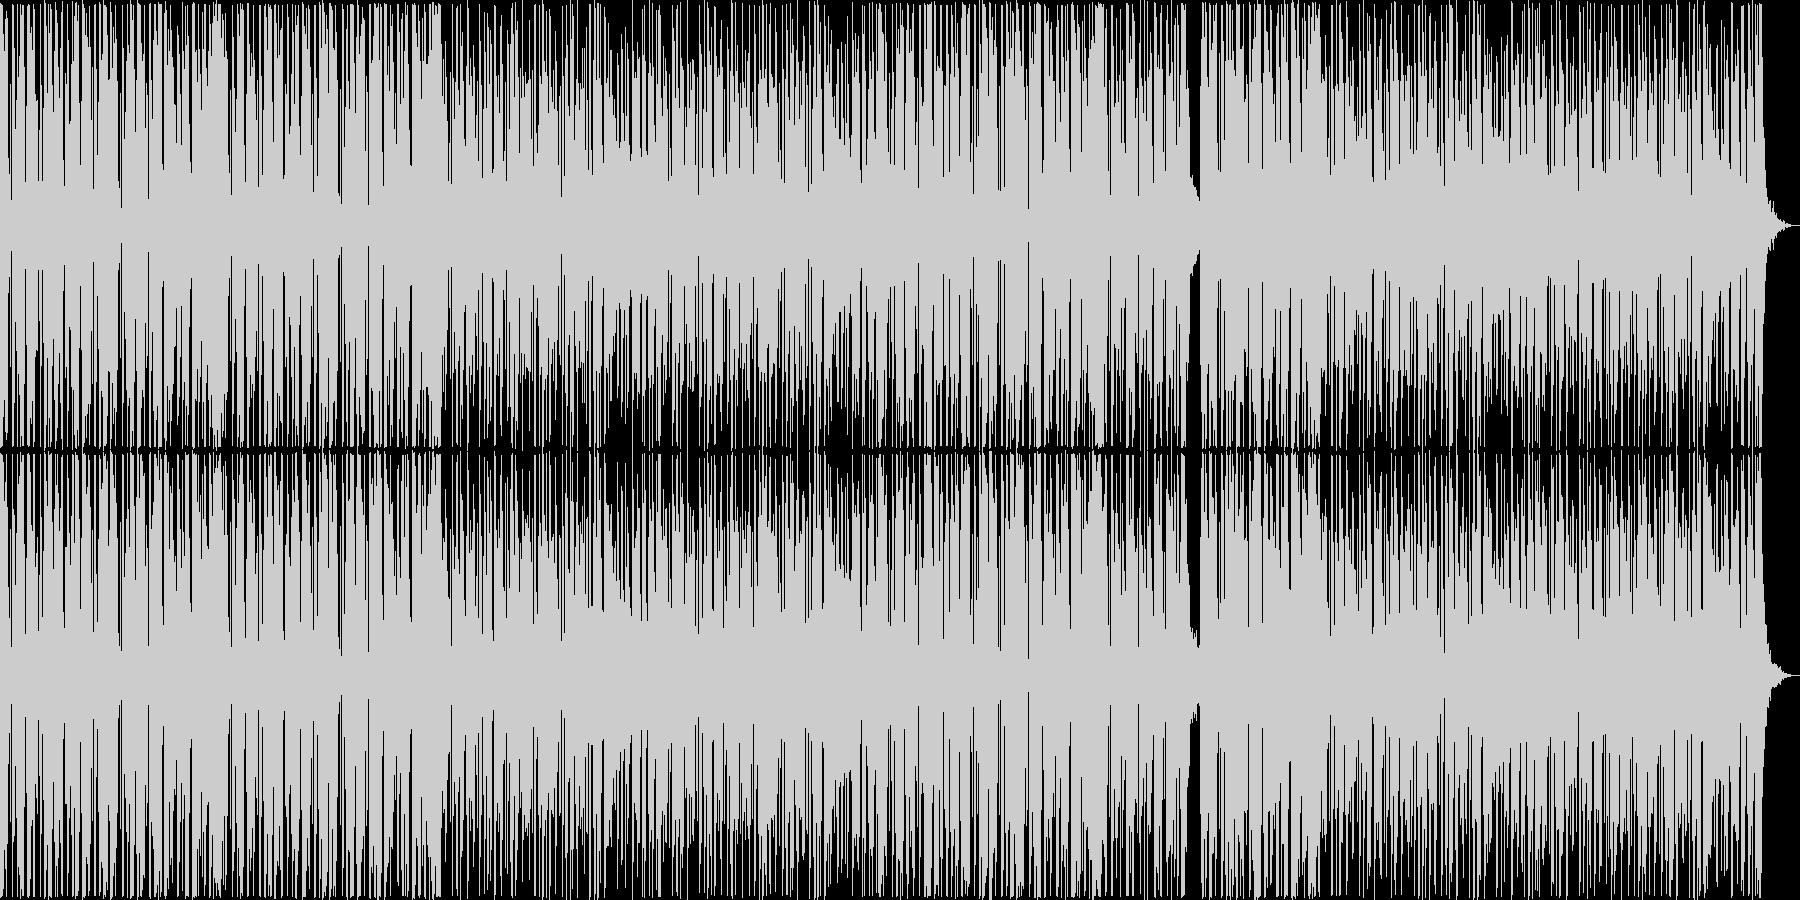 切ないおしゃれHIPHOP & FUNKの未再生の波形